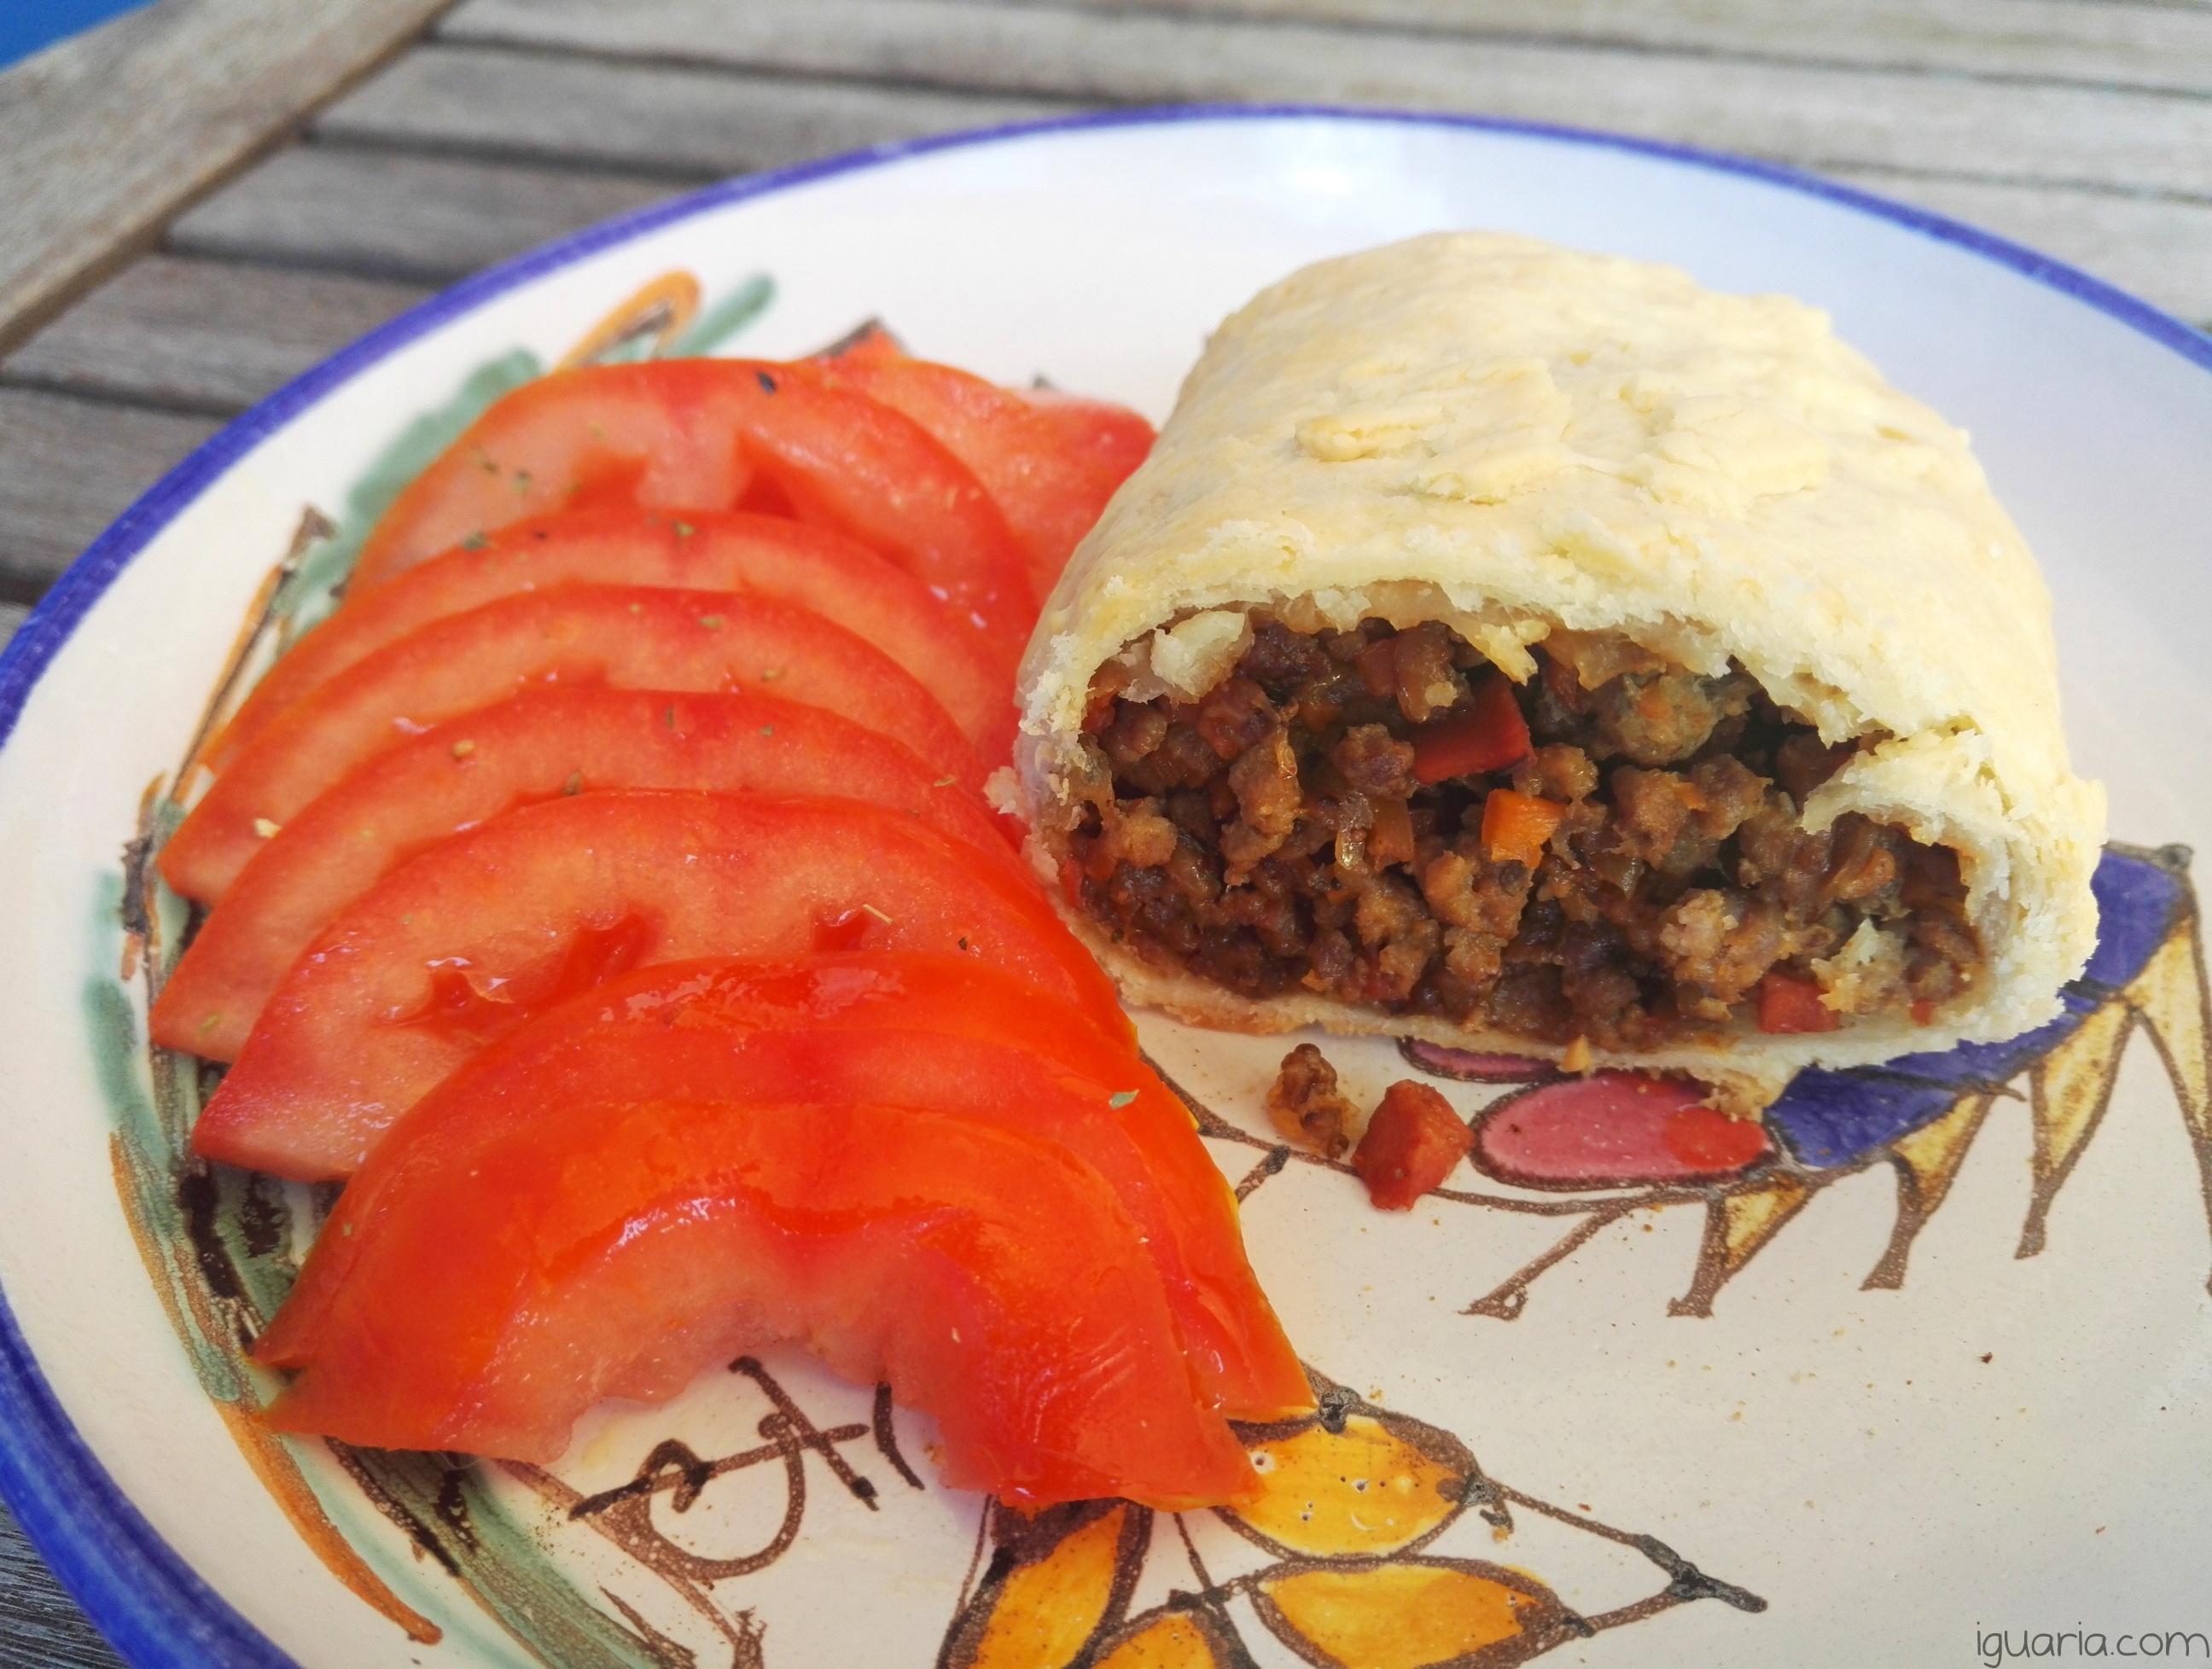 Iguaria_Rolo-de-Carne-Picada-com-Tomate